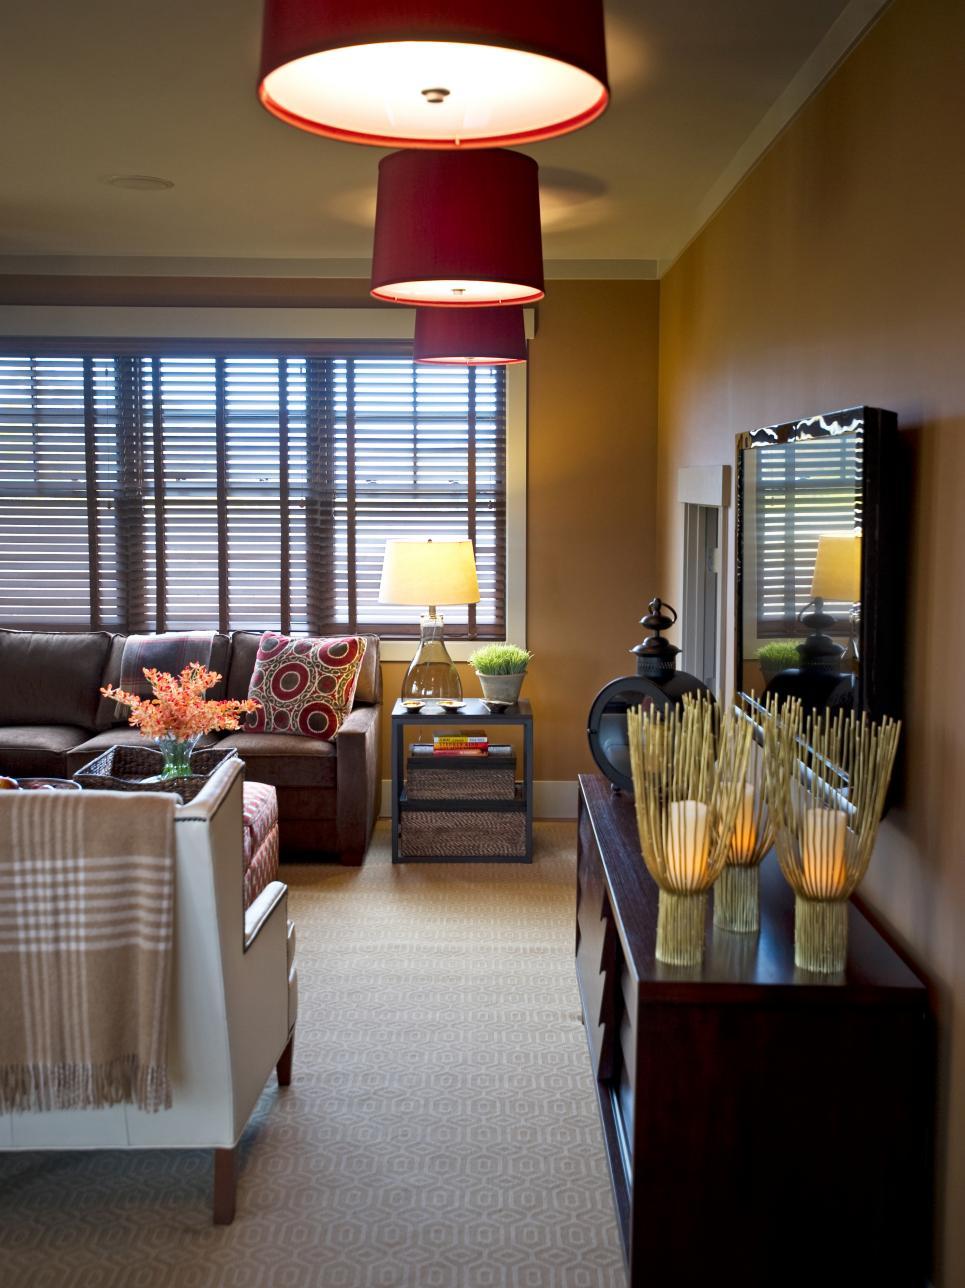 2012 Family Home Decorating Ideas: Artistic Photos Of HGTV Dream Home 2012